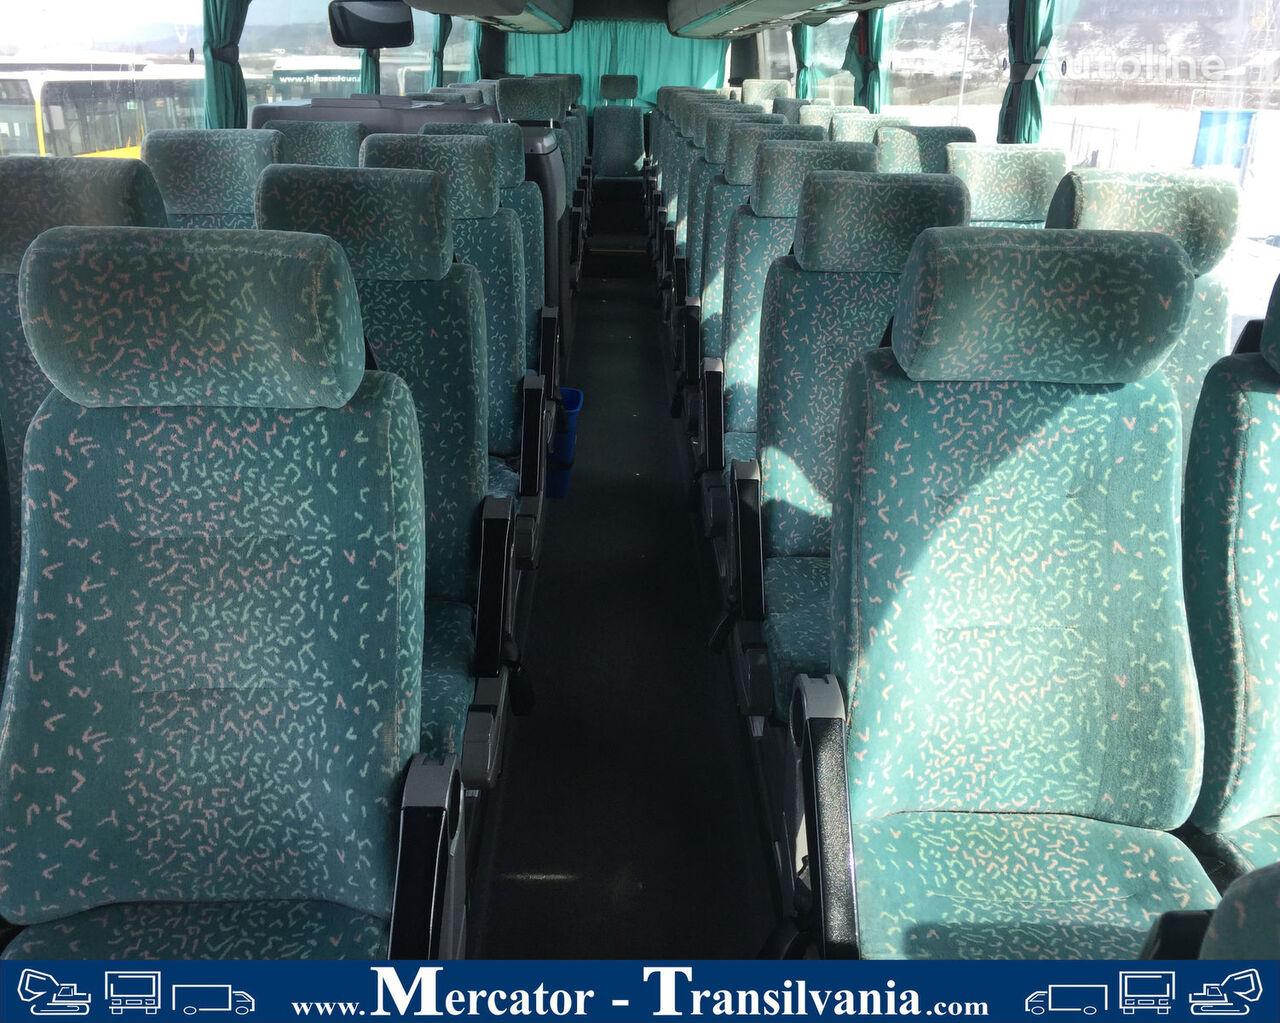 Schlafsessel mit Armlehnlen und Gurte, komplett set seat for SCANIA Irizar bus for parts